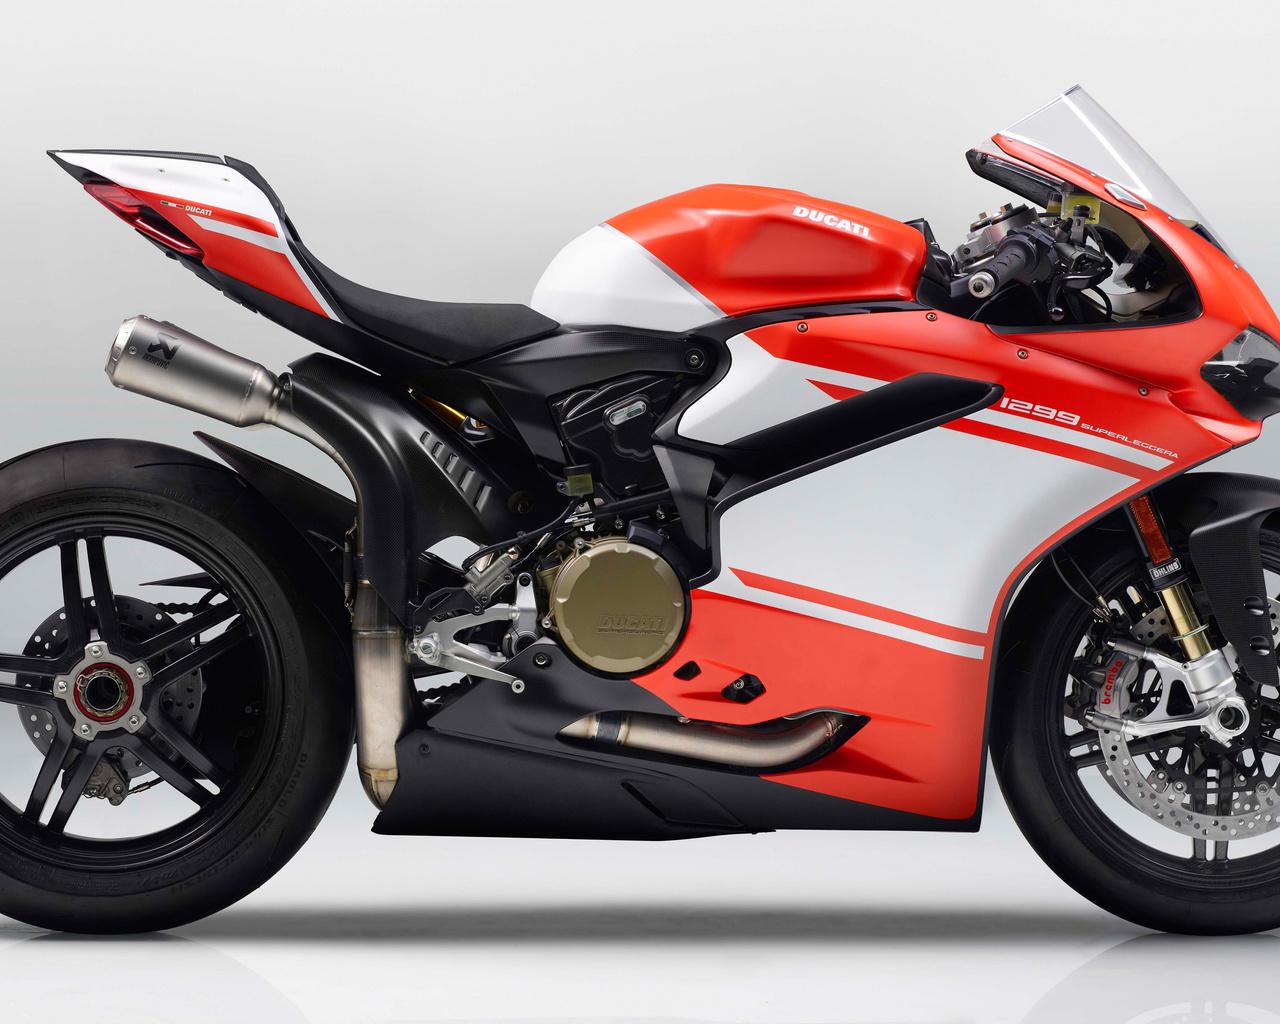 ducati, 1299, superleggera, 2017, мотоцикл